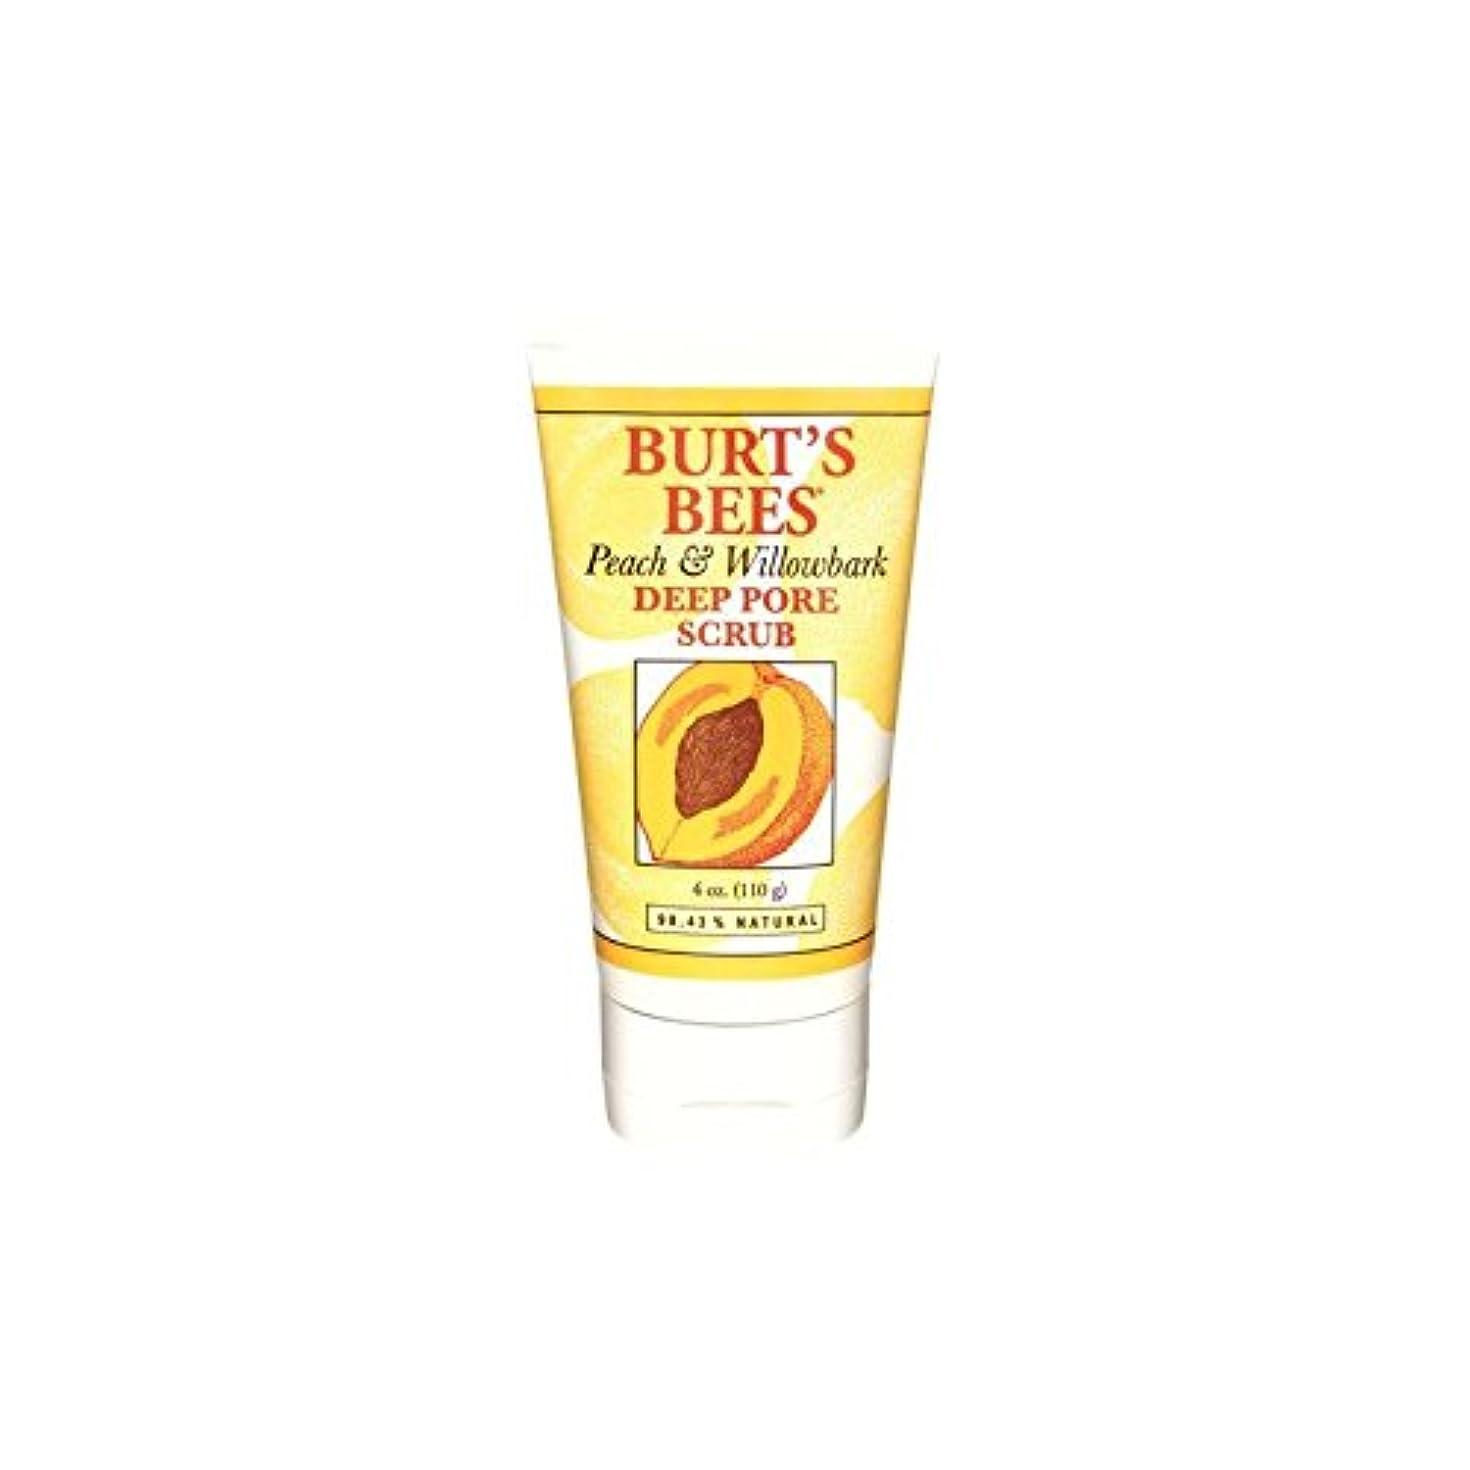 生理アルカトラズ島原因Burt's Bees Peach & Willowbark Deep Pore Scrub (4 Oz / 110G) - バーツビーの桃&深いポアスクラブ(4オンス/ 110グラム) [並行輸入品]